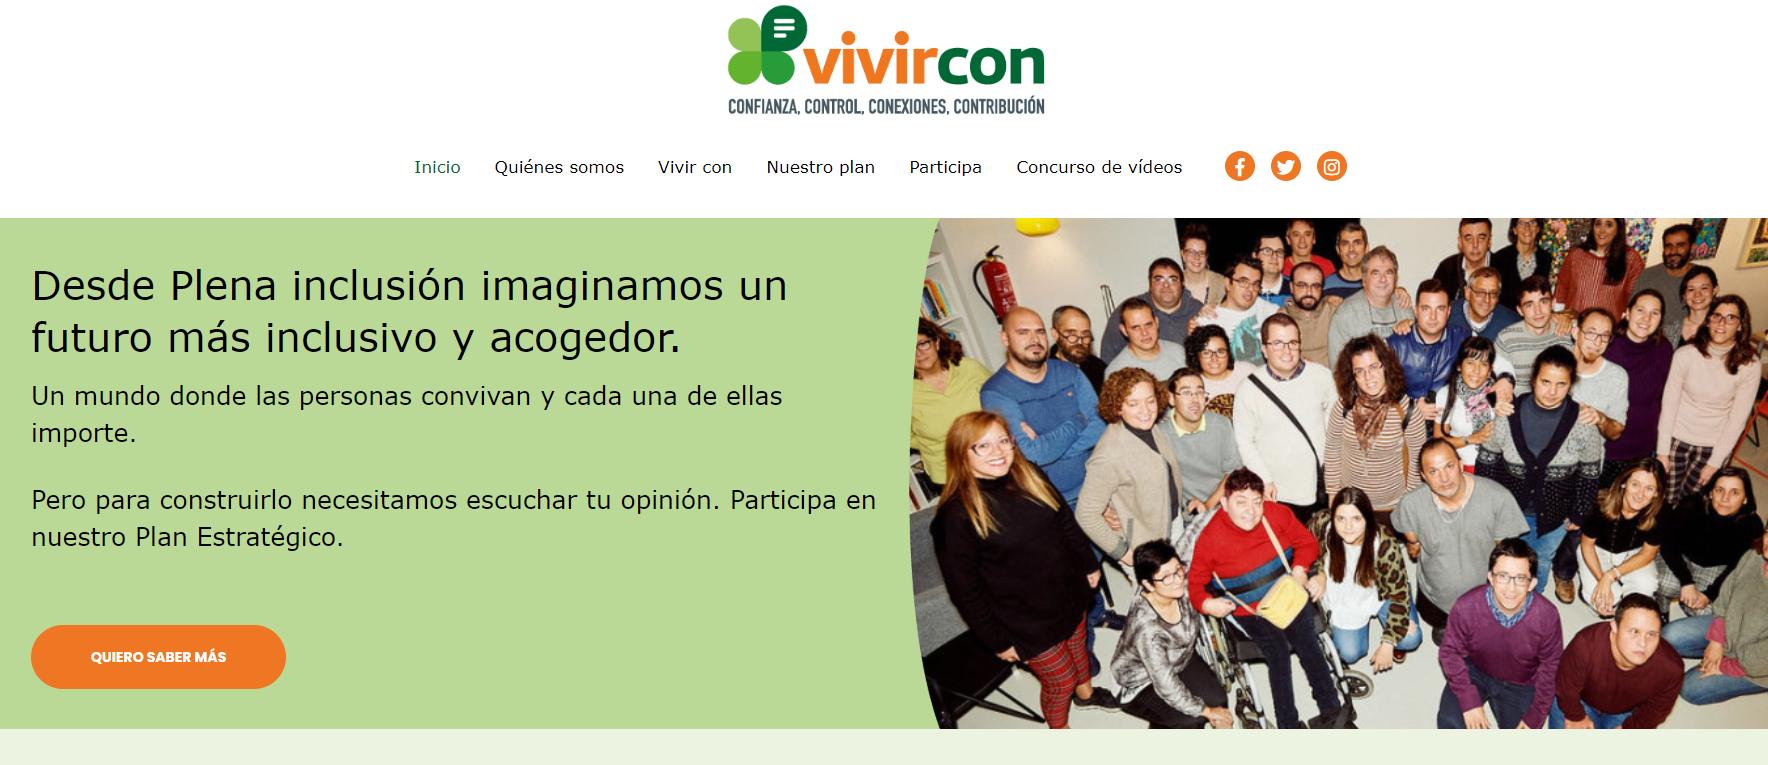 Ir a : Nace vivircon, la iniciativa para participar en el próximo plan estratégico del movimiento asociativo Plena inclusión